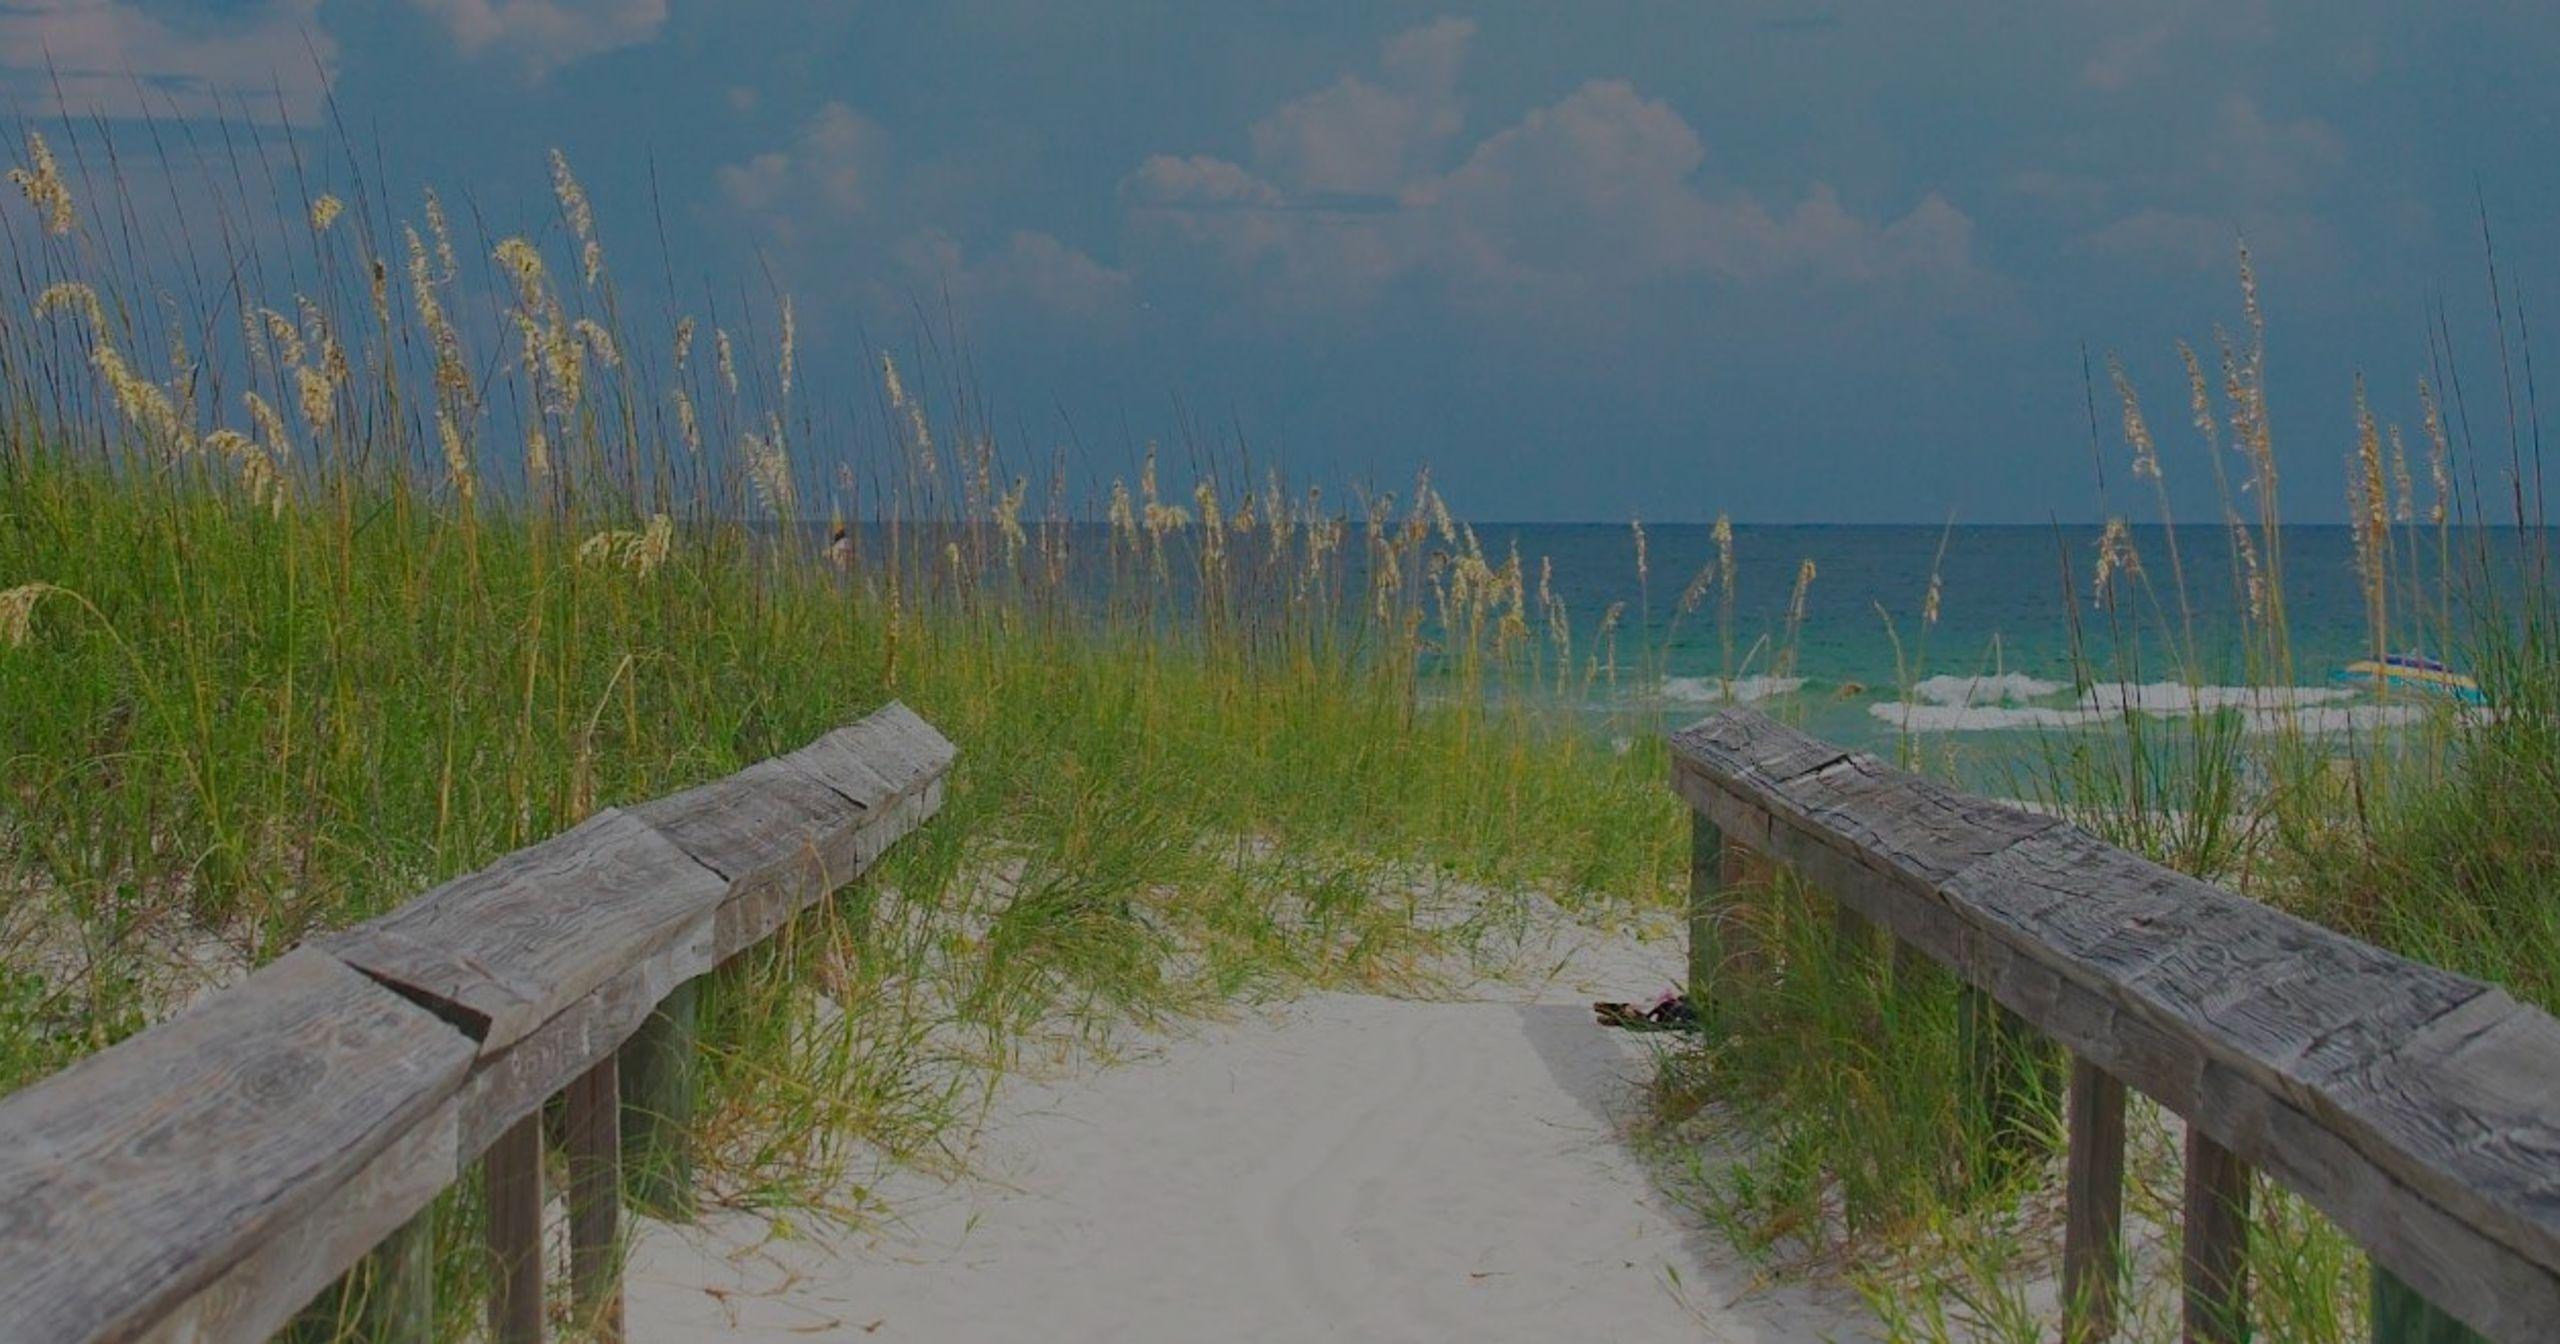 Gulf Coast Annual Tourism Update – 2017